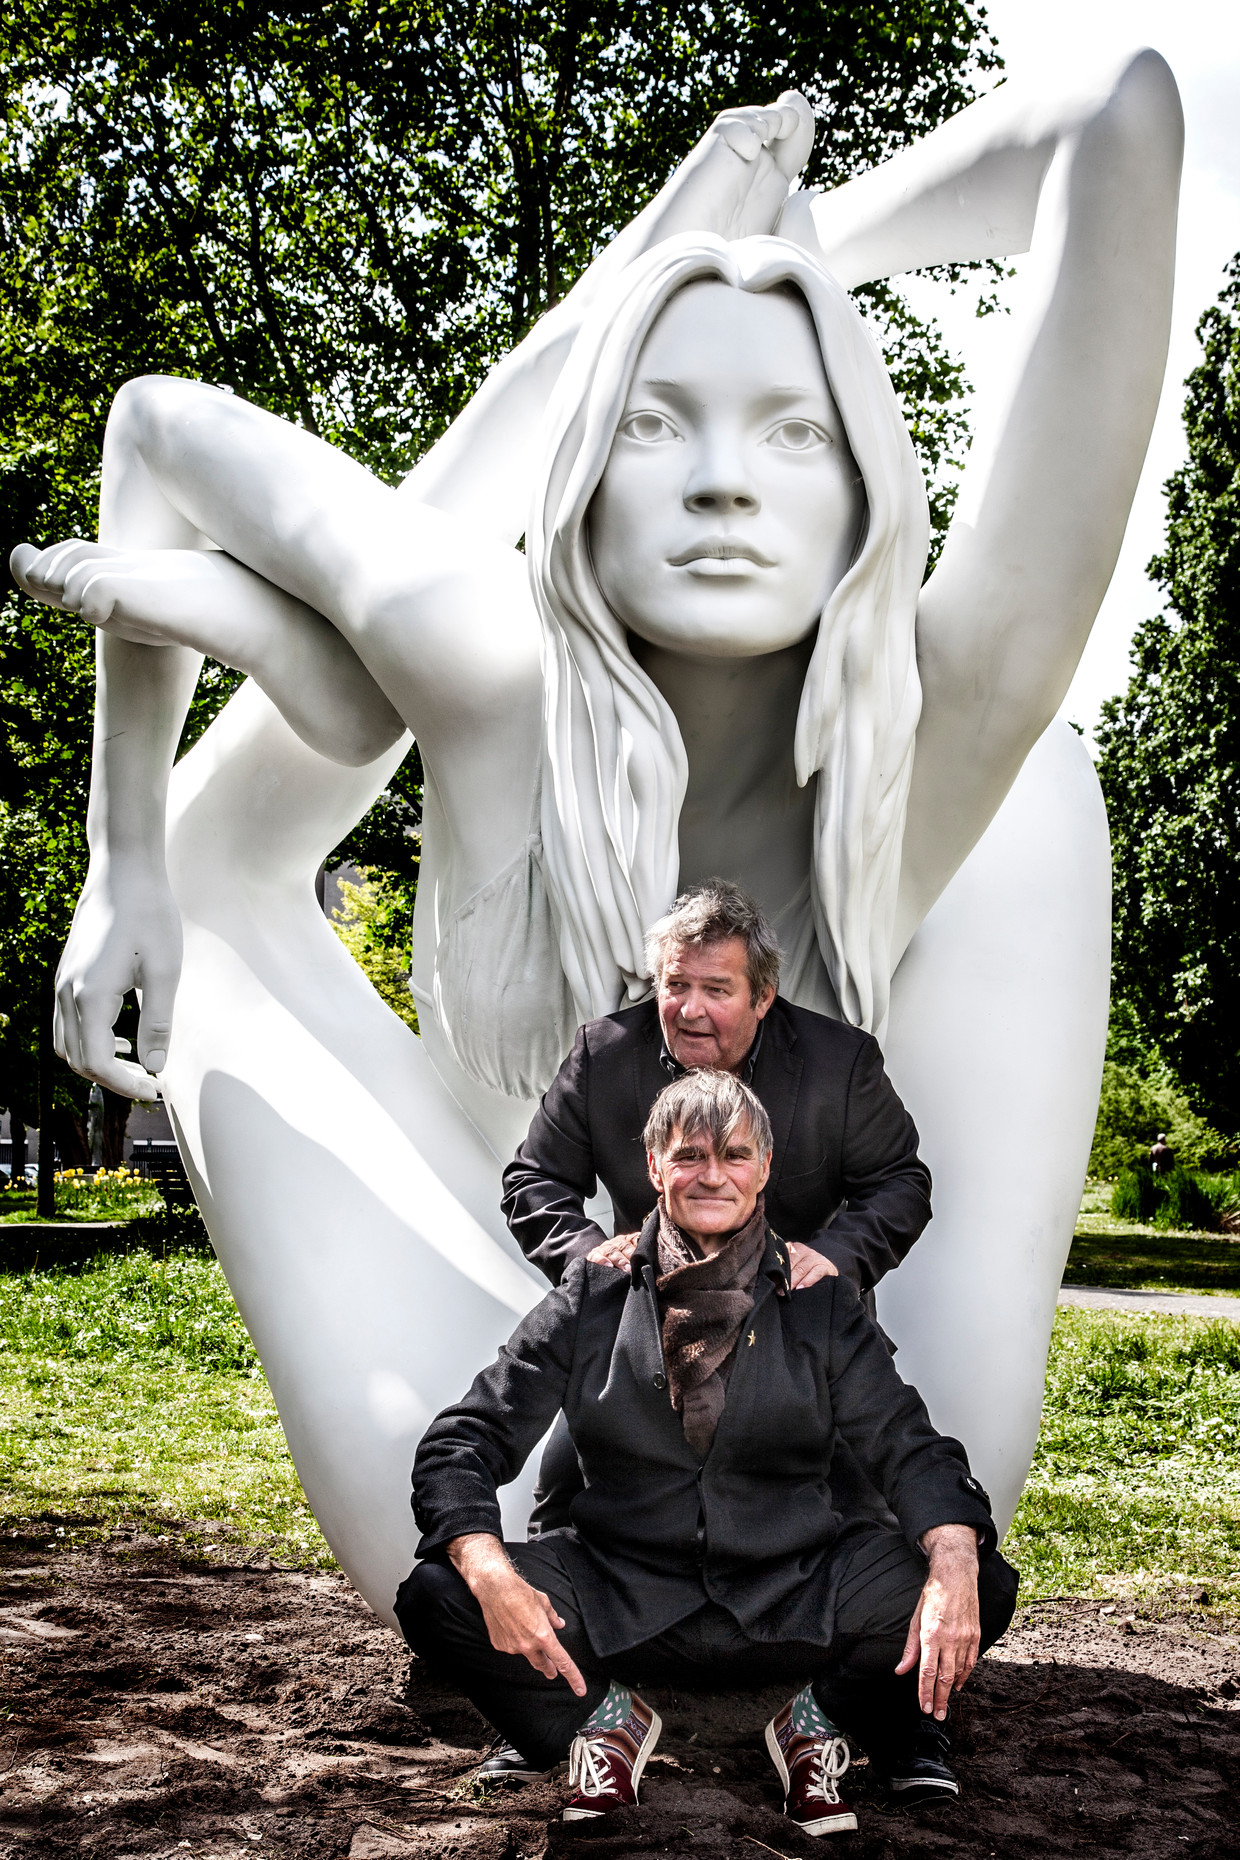 Michiel Romeyn en Jhim Lamoree voor een sculptuur van de Britse kunstenaar Marc Quinn. Beeld Ernst Coppejans